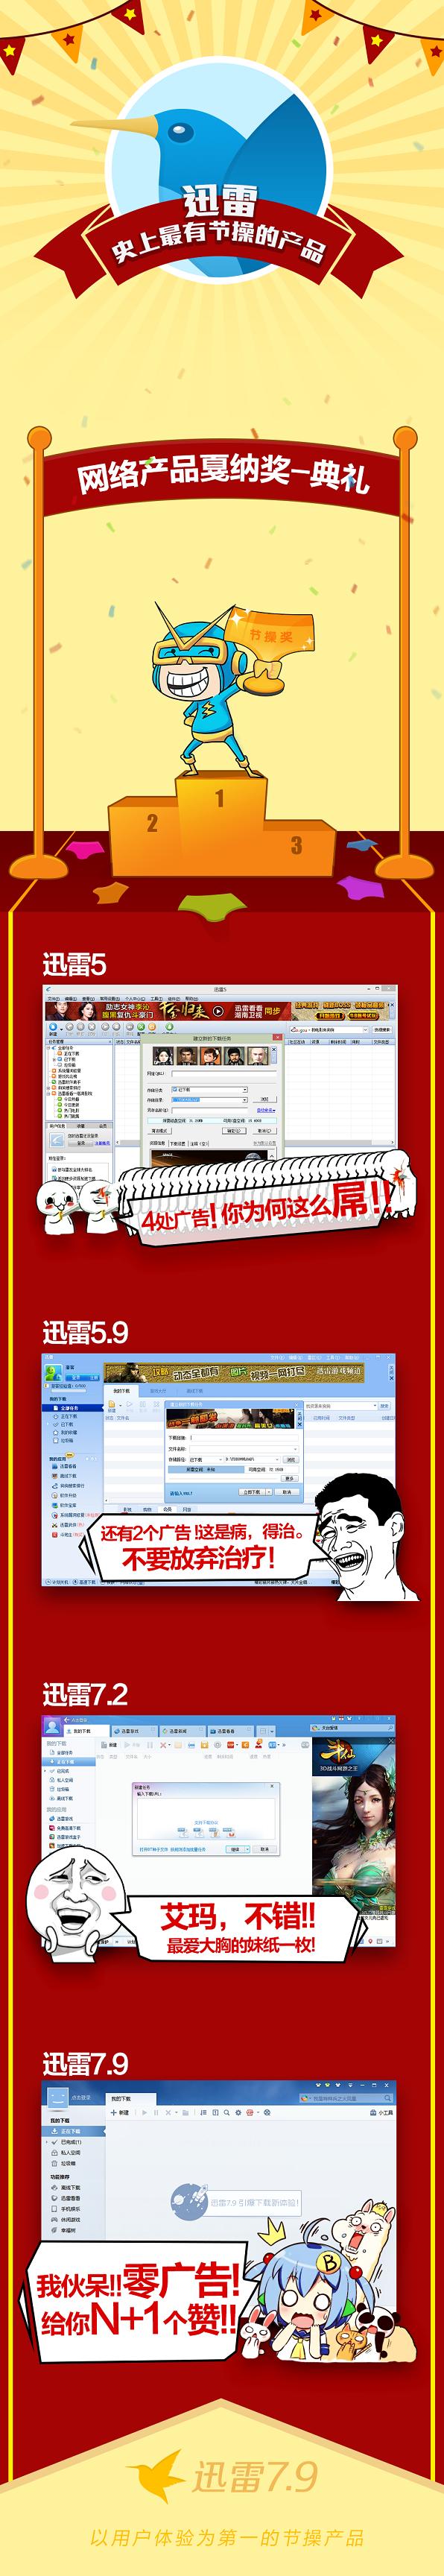 《史上最有节操的产品》漫画_高清png